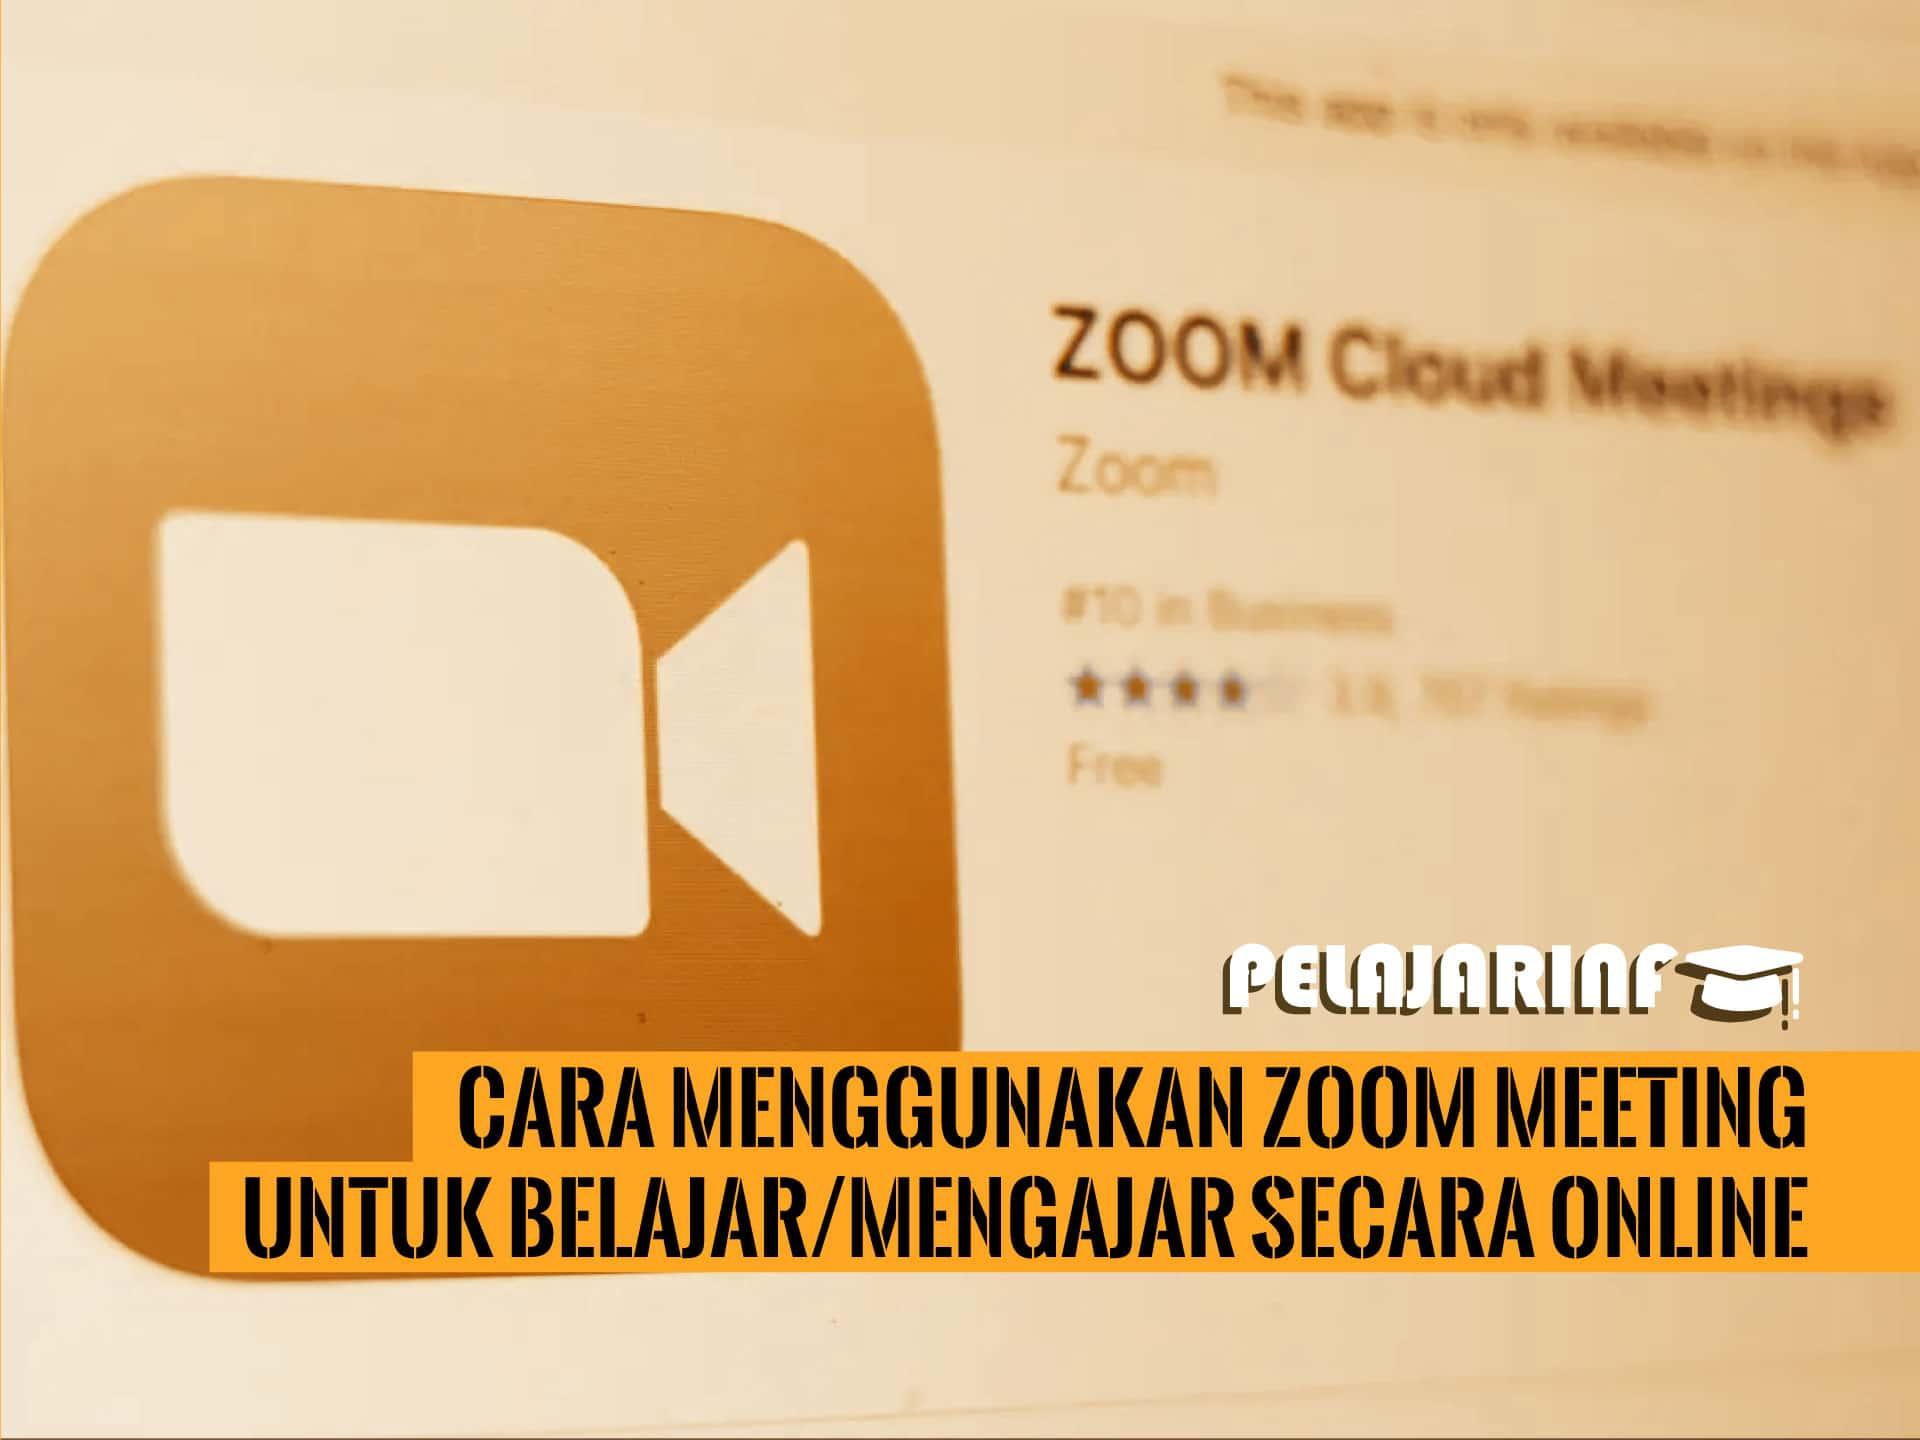 Cara Menggunakan Zoom Meeting Untuk Belajar Mengajar Secara Online Pelajar Info